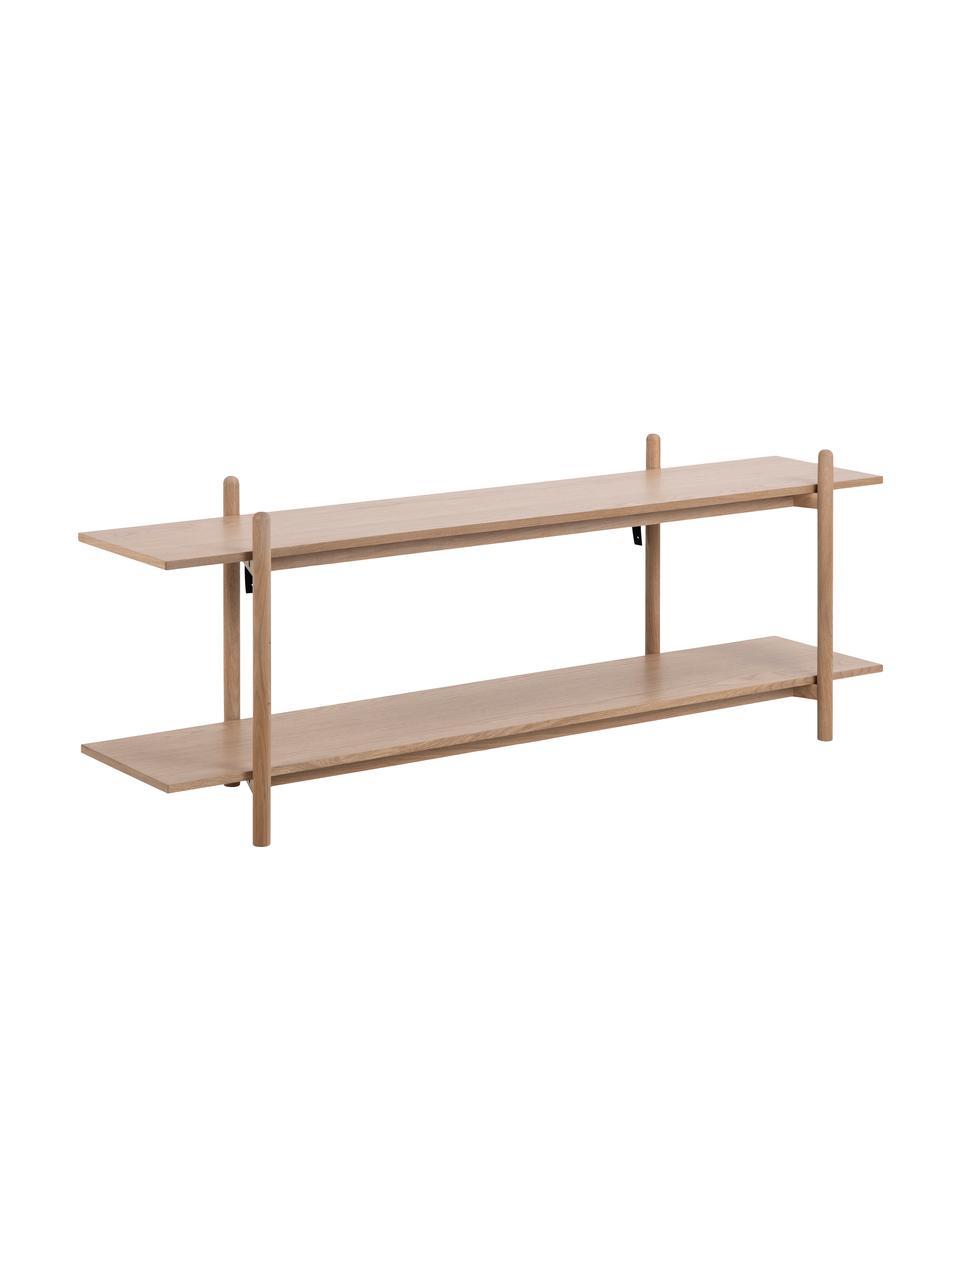 Szafka niska z drewnianymi półkami Asbaek, Płyta pilśniowa (MDF), fornir z drewna dębowego, Brązowy, S 150 x W 55 cm